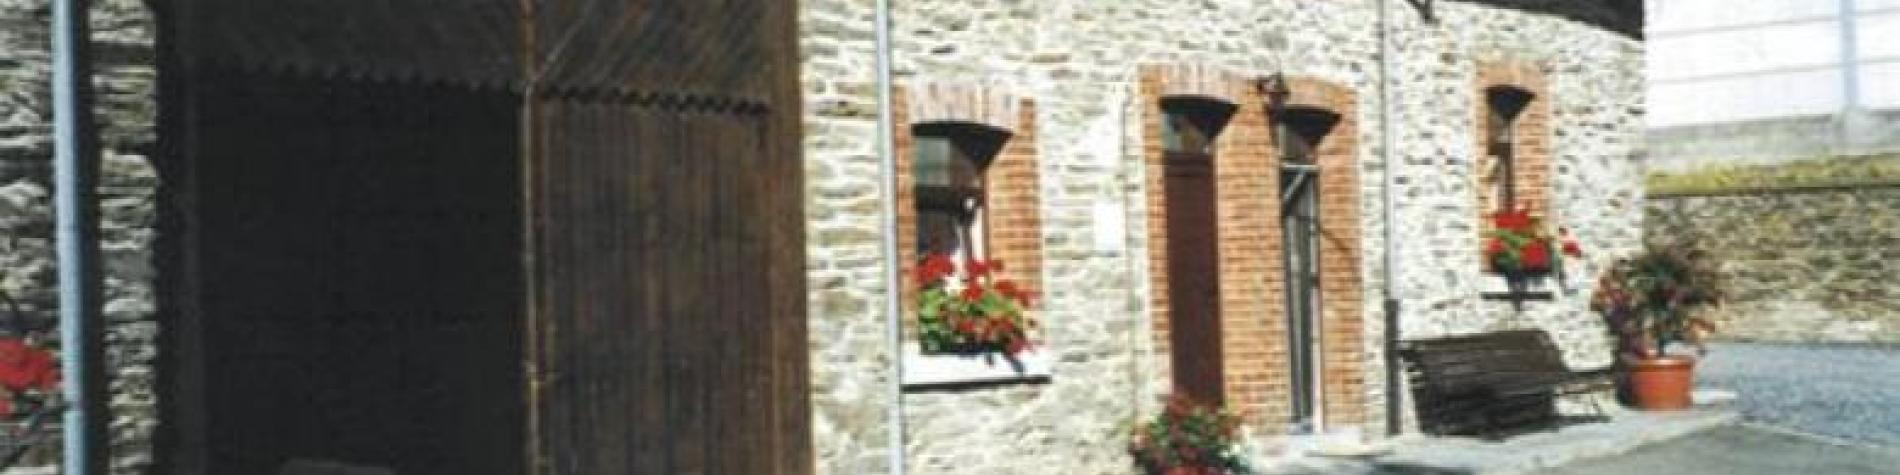 Gîte du Vieux Lavoir | vue de l'extérieur